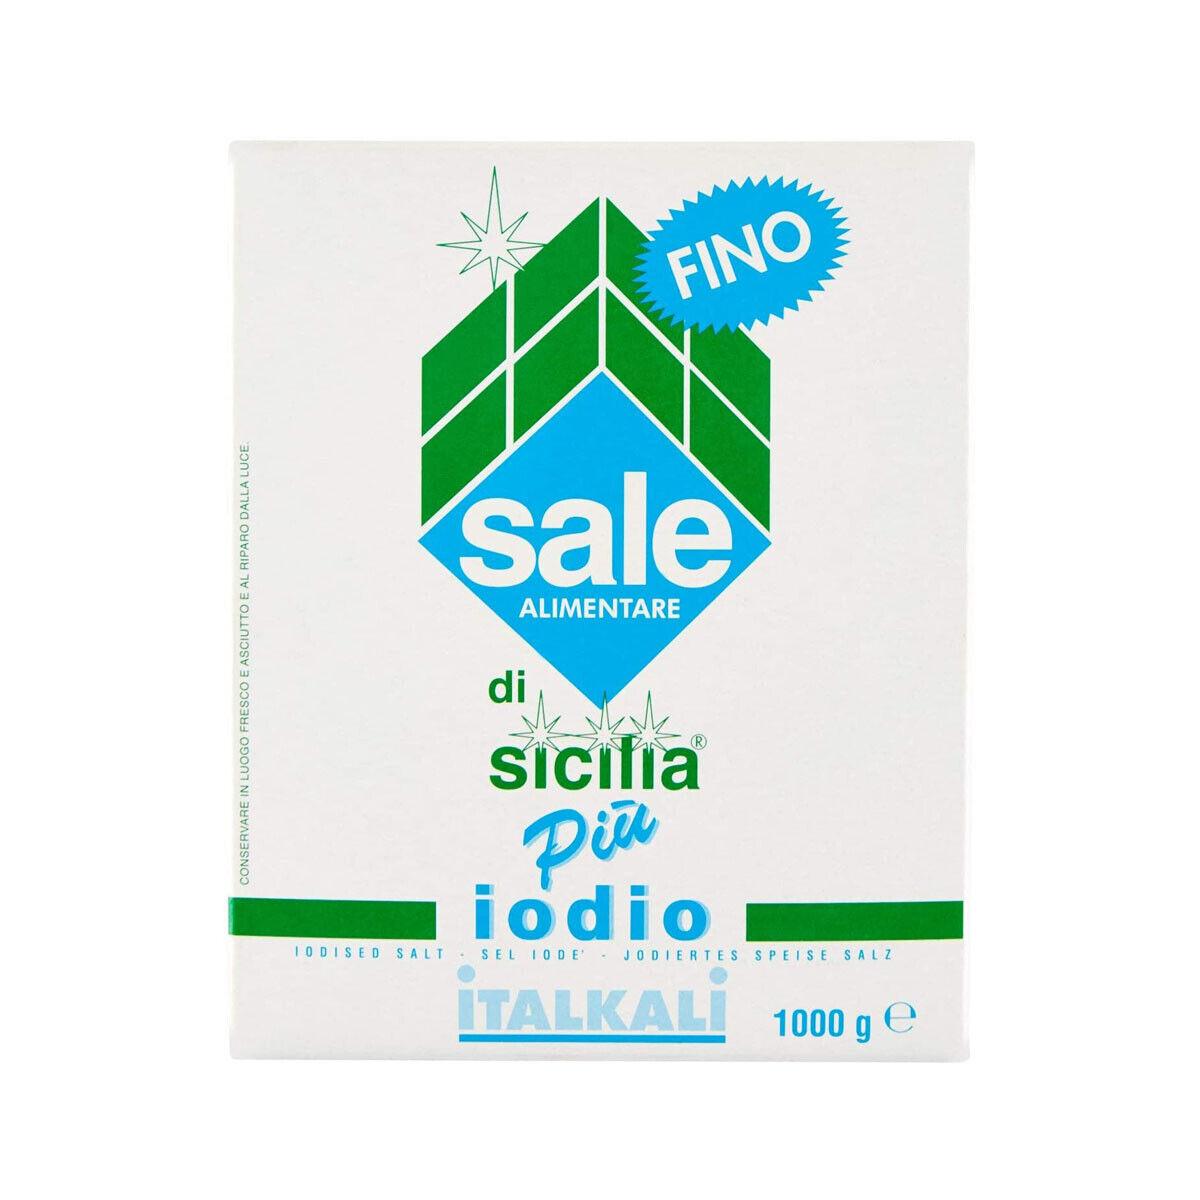 5,90 € per Sale Di Sicilia Più Iodio Fino Confezione Da 1kg Italkali  su eBay.it